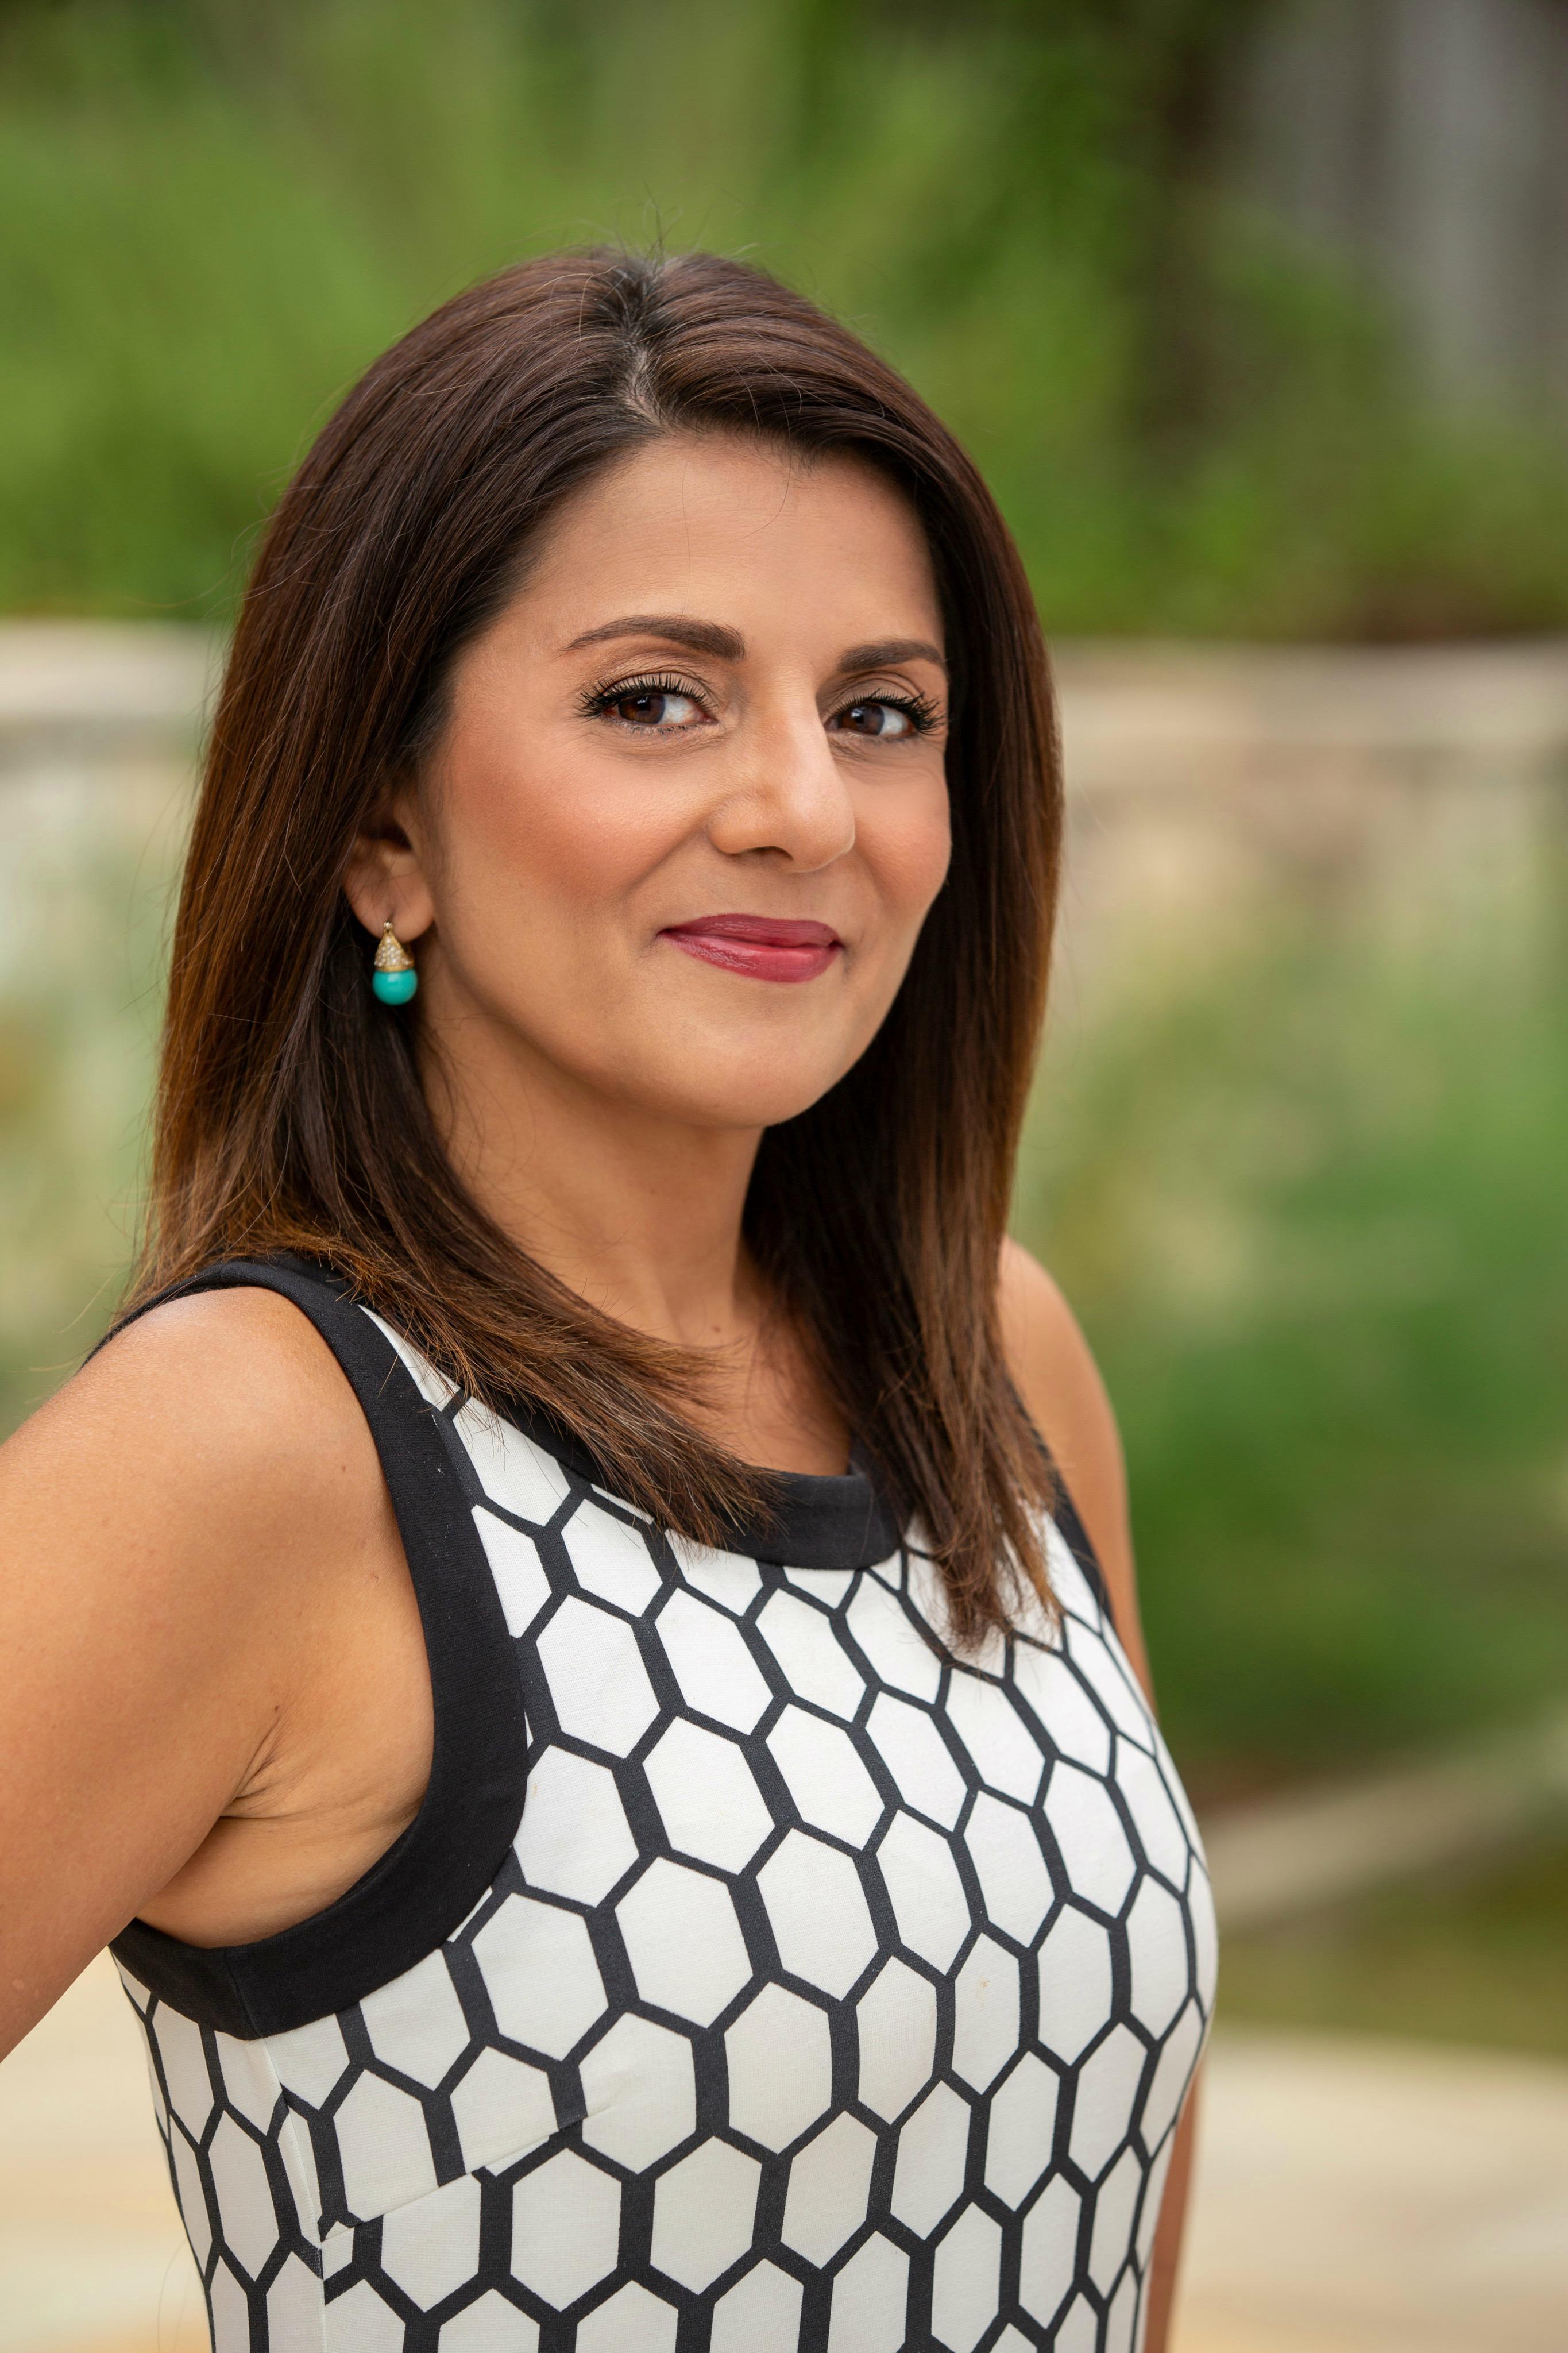 Shanna Nikzad